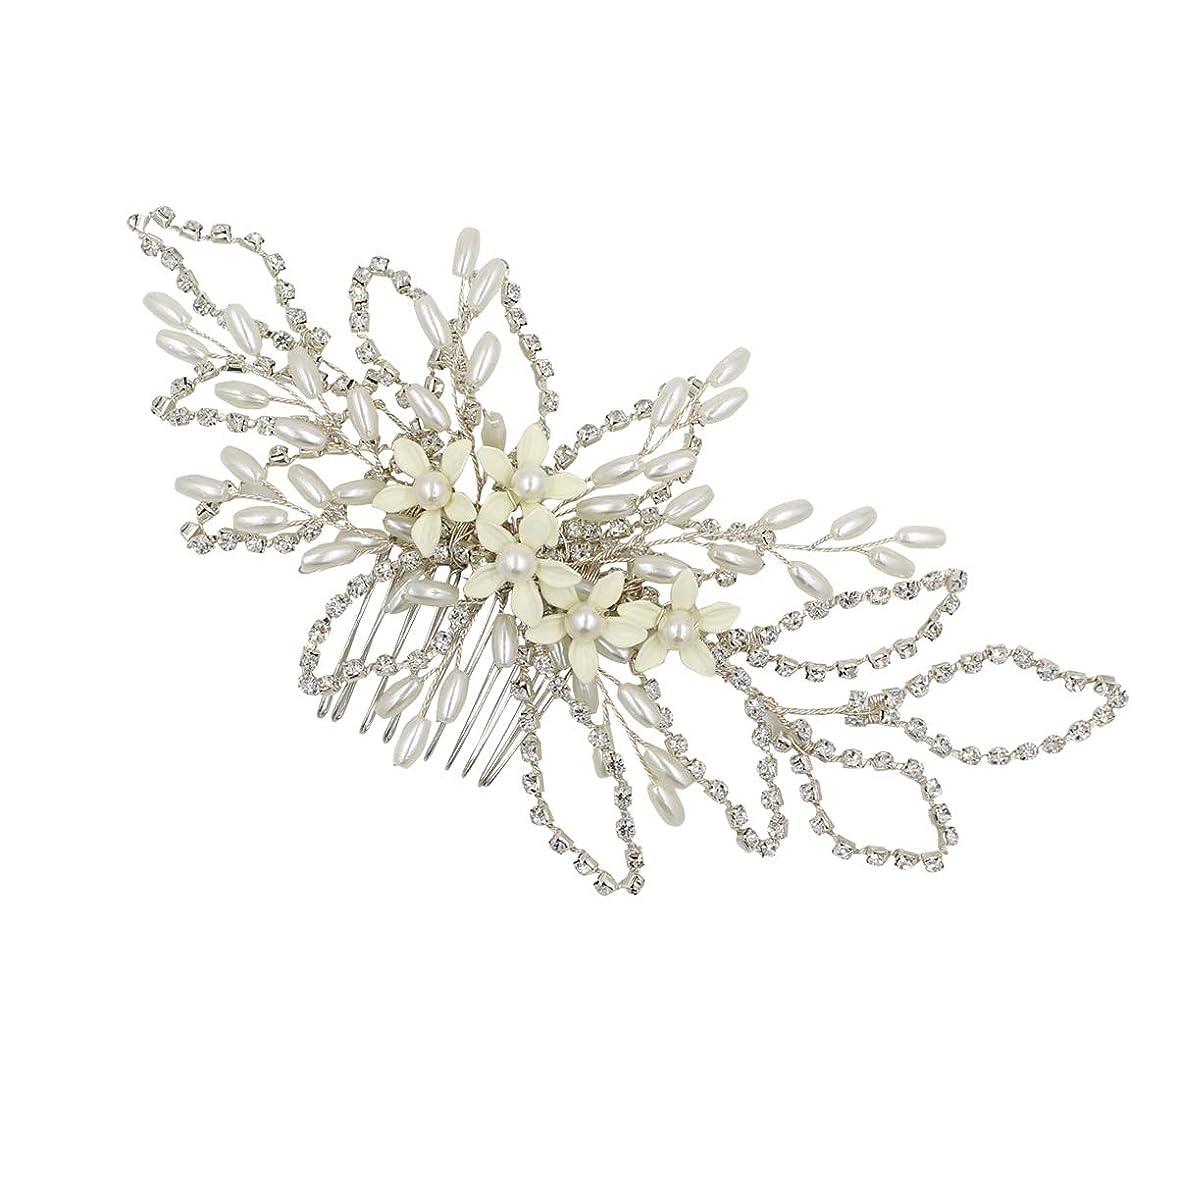 マントル邪魔するとLurroseの花嫁の真珠の毛の櫛のラインストーンクリスタルヘッドドレスの結婚式の花のブライダルヘアアクセサリー(シルバー)